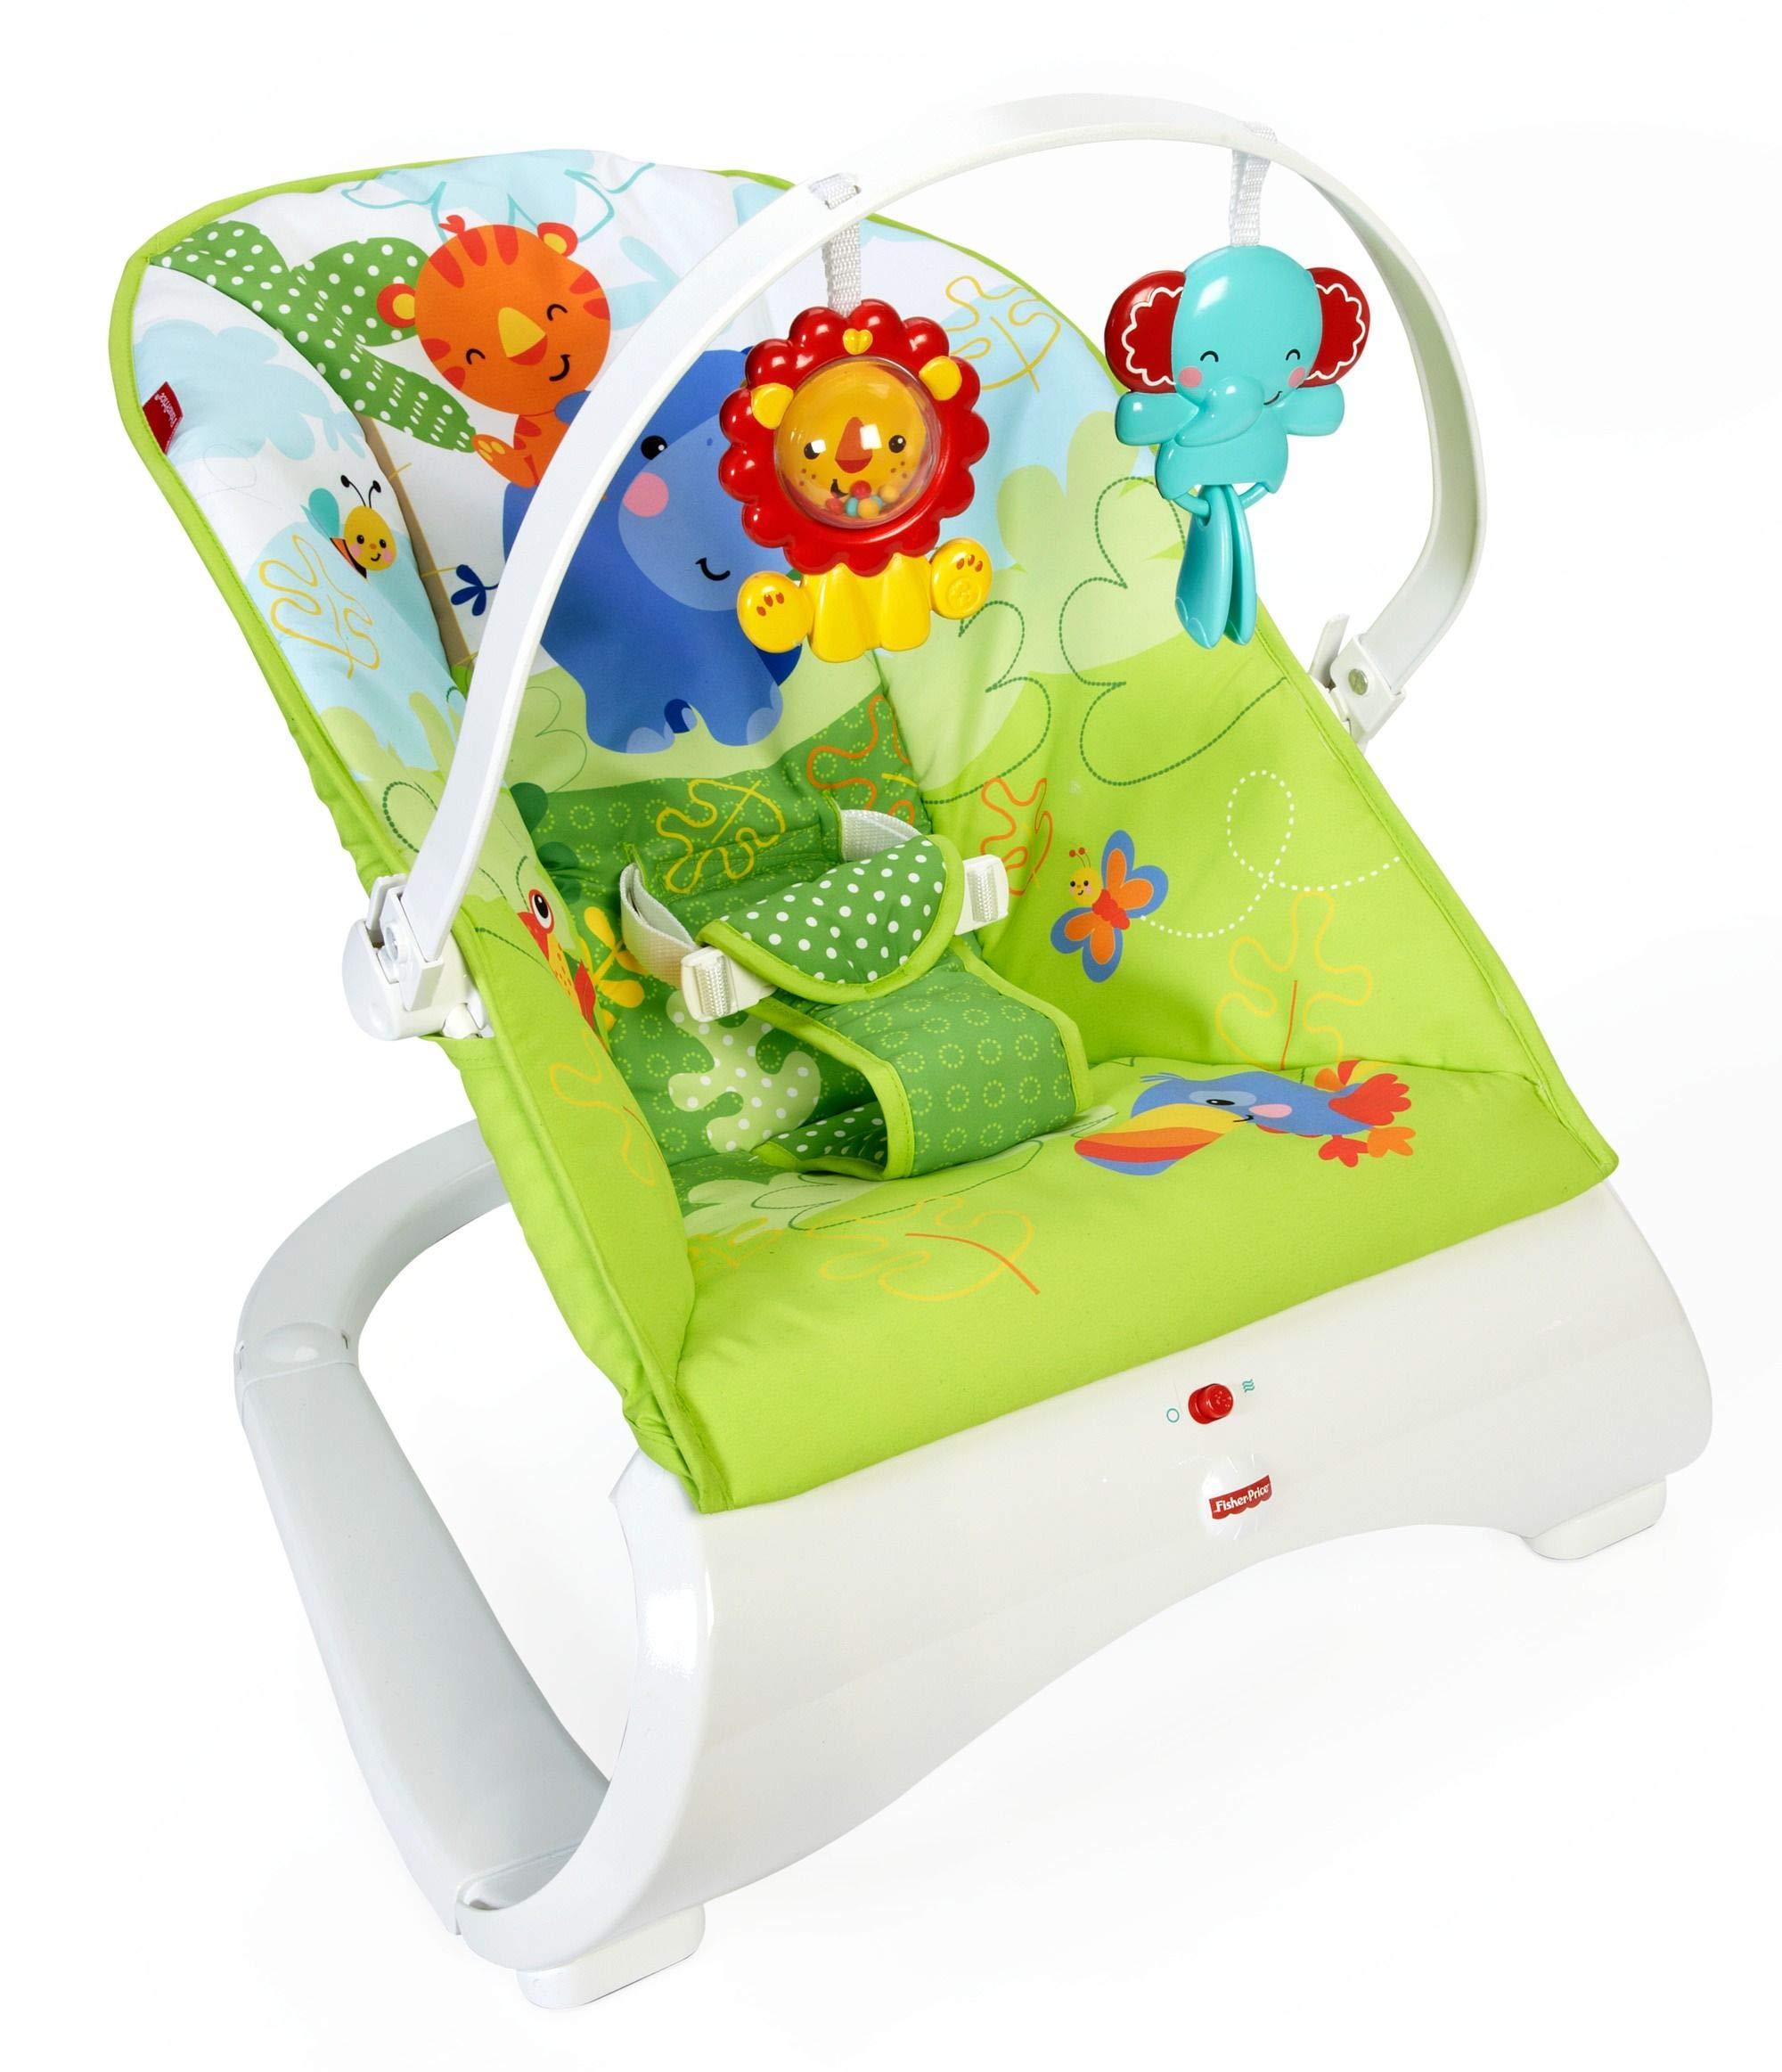 Fisher-Price Hamaca confort y diversión verde, para bebé recién nacido (Mattel CJJ79